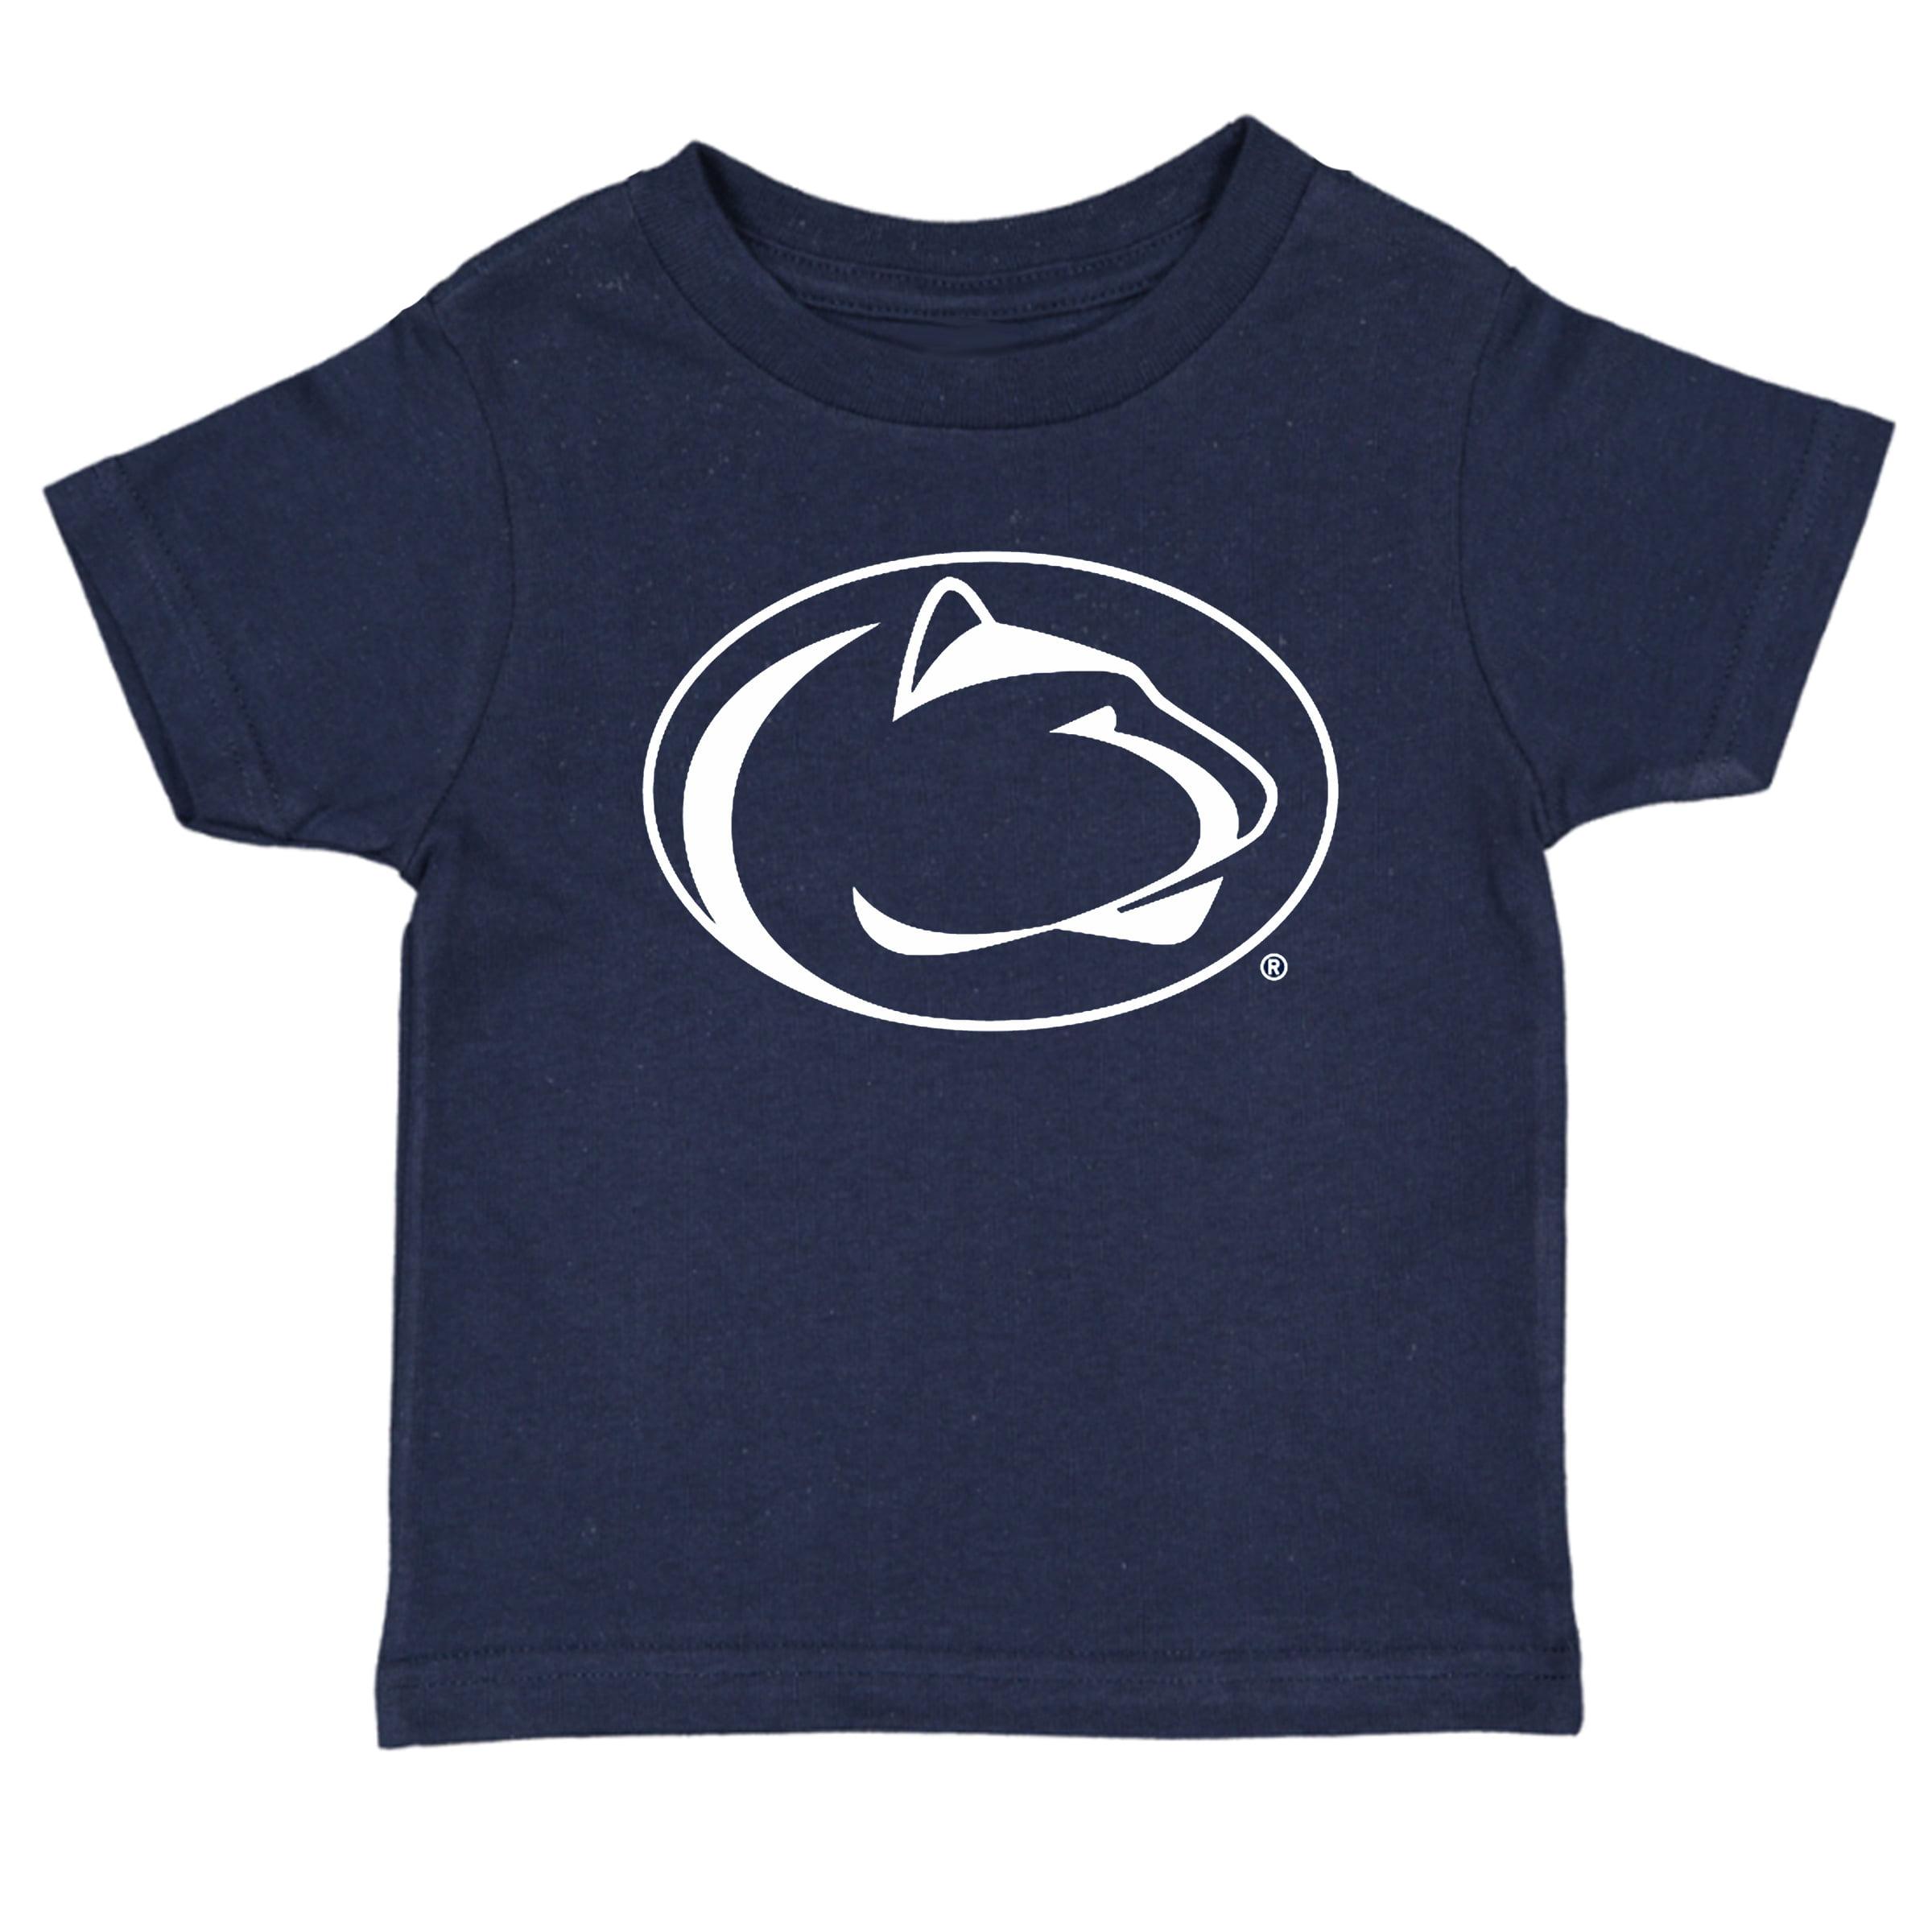 Penn State Nittany Lions LOGO Infant/Toddler T-Shirt